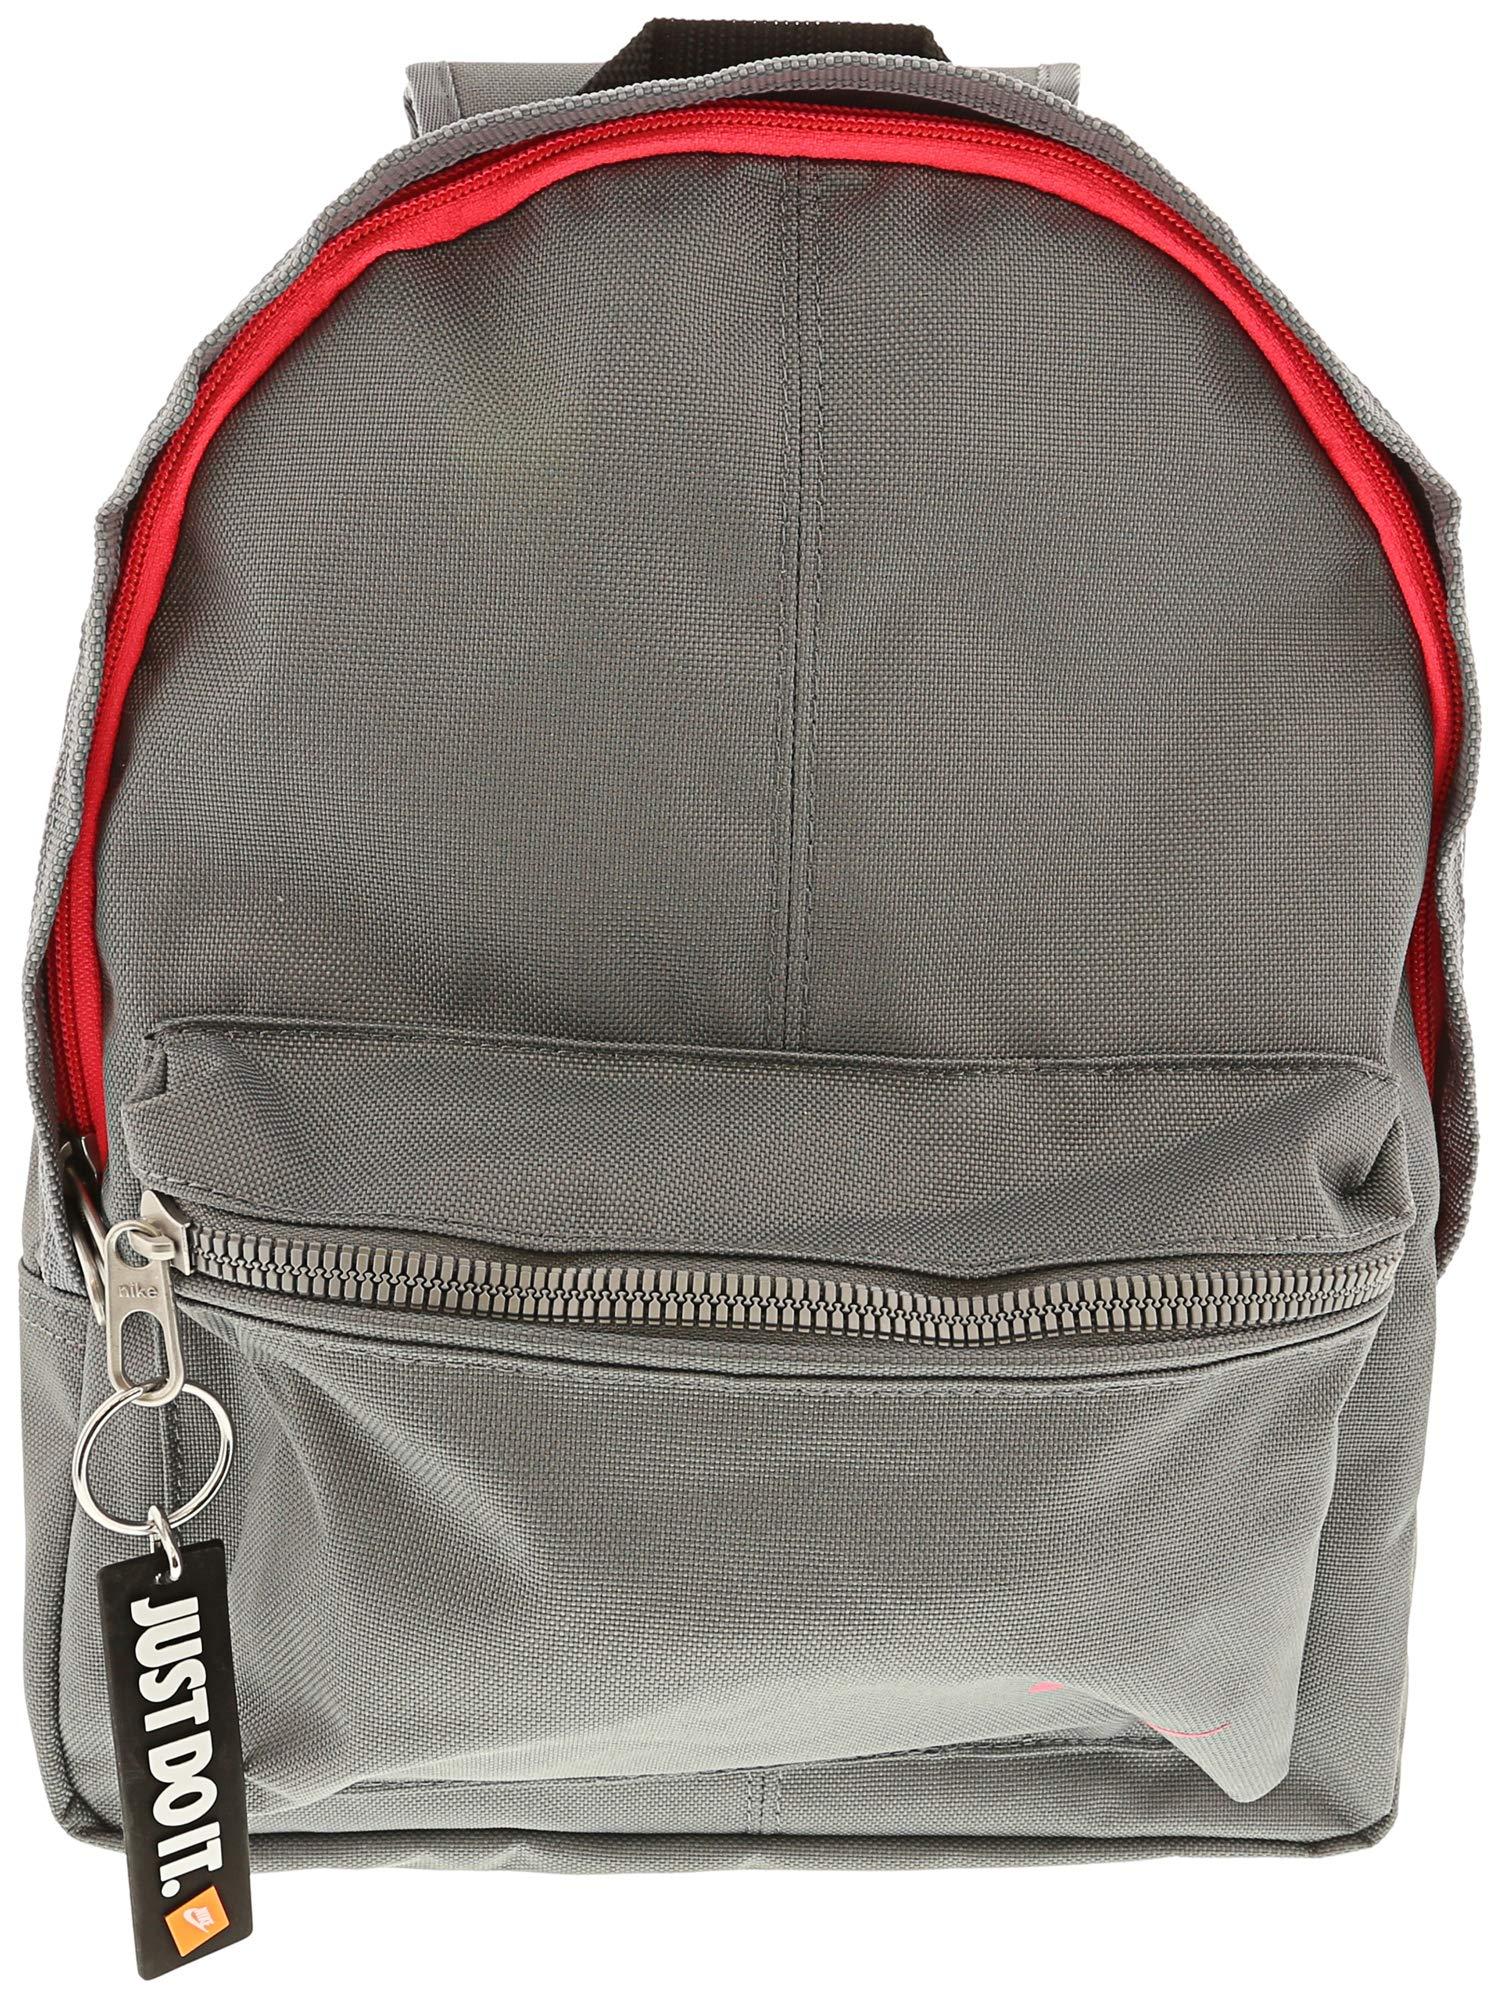 1ec08eed0aa4 Galleon - Nike Kids  Classic Mini Backpack